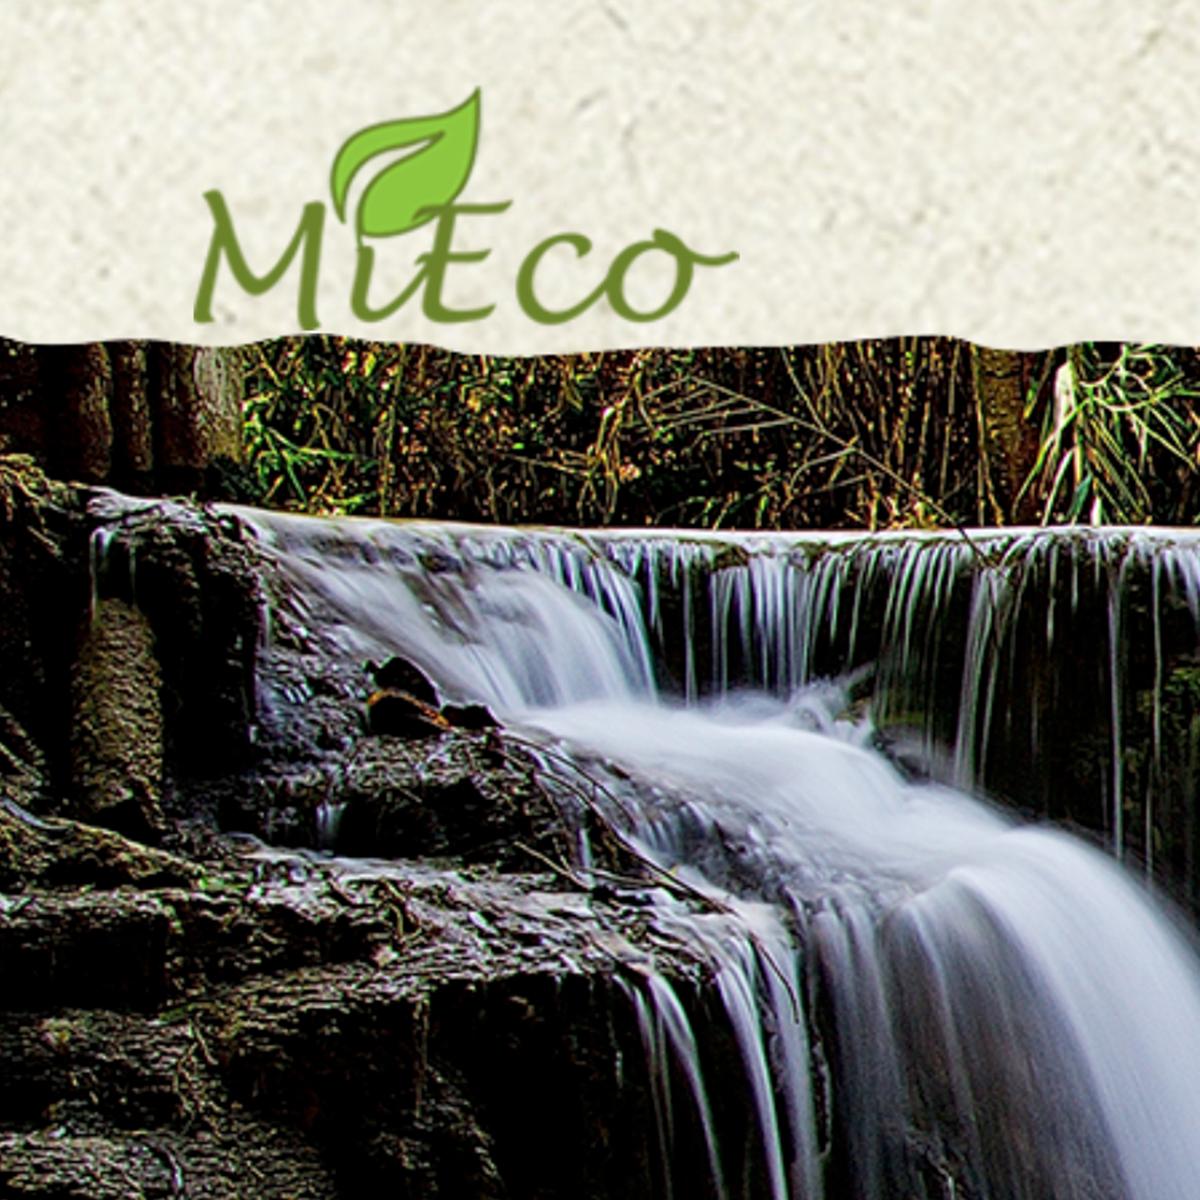 mi_eco